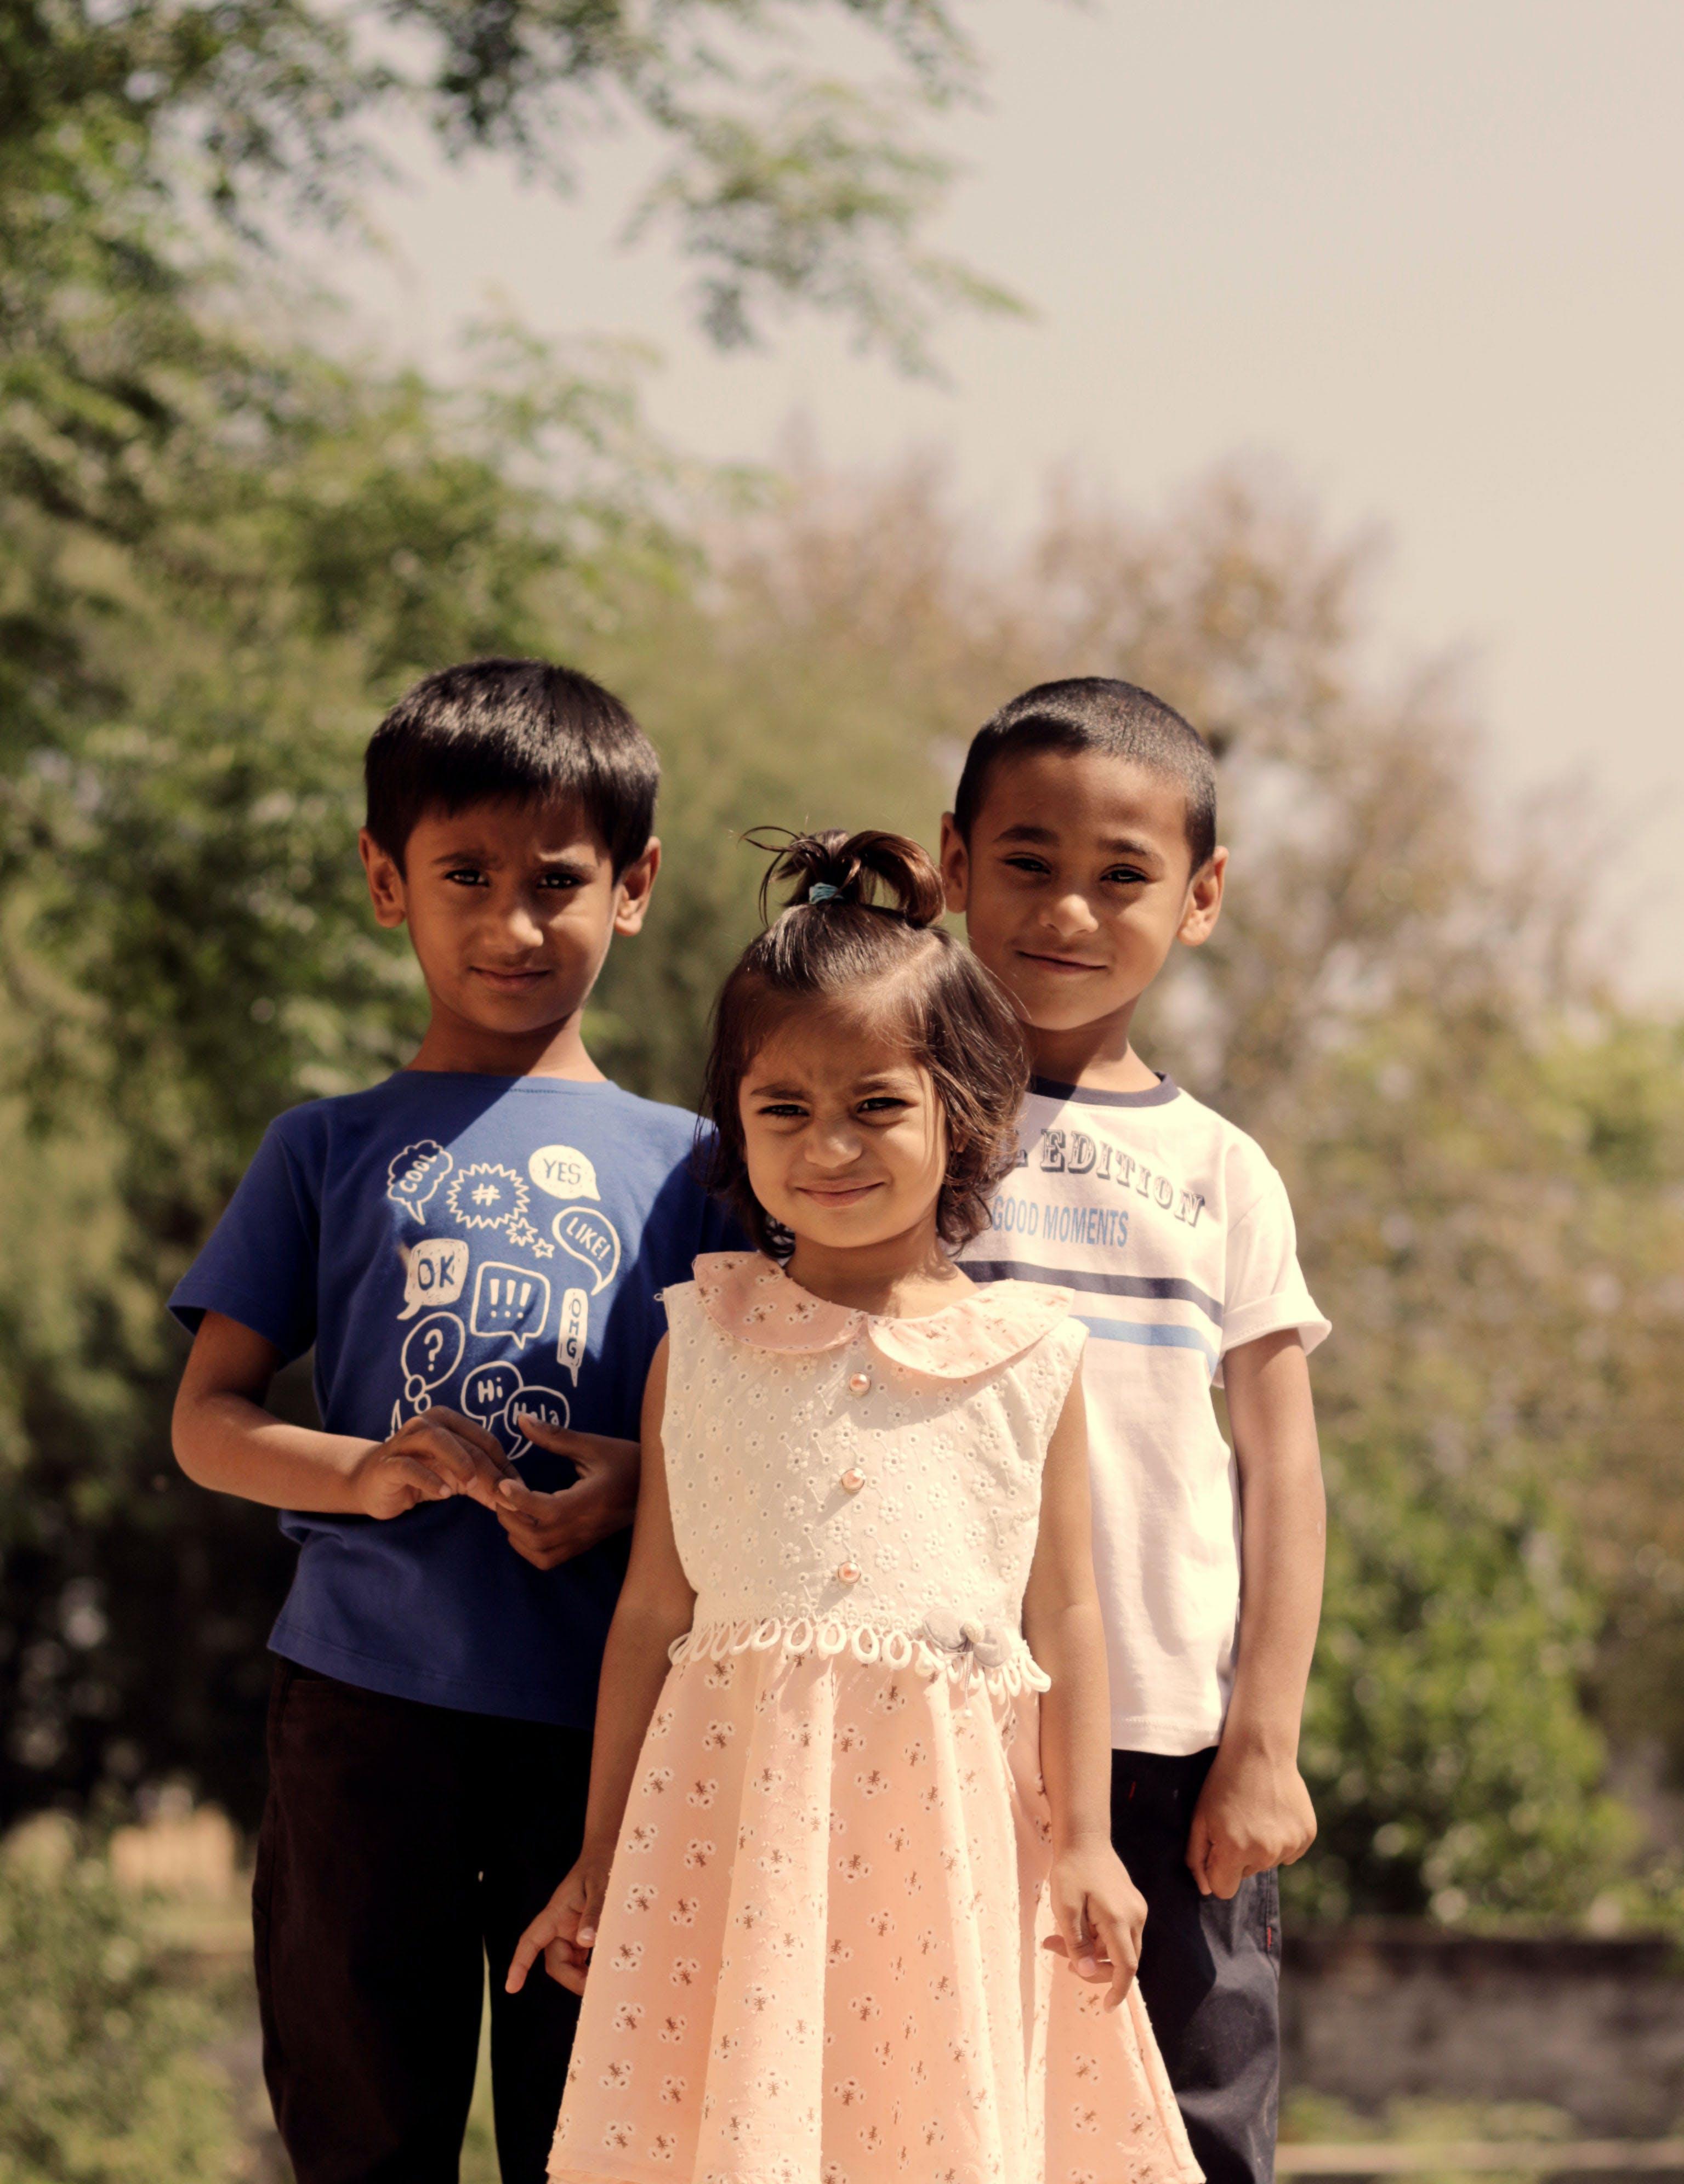 Kostnadsfri bild av ansiktsuttryck, familj, flicka, fotografering